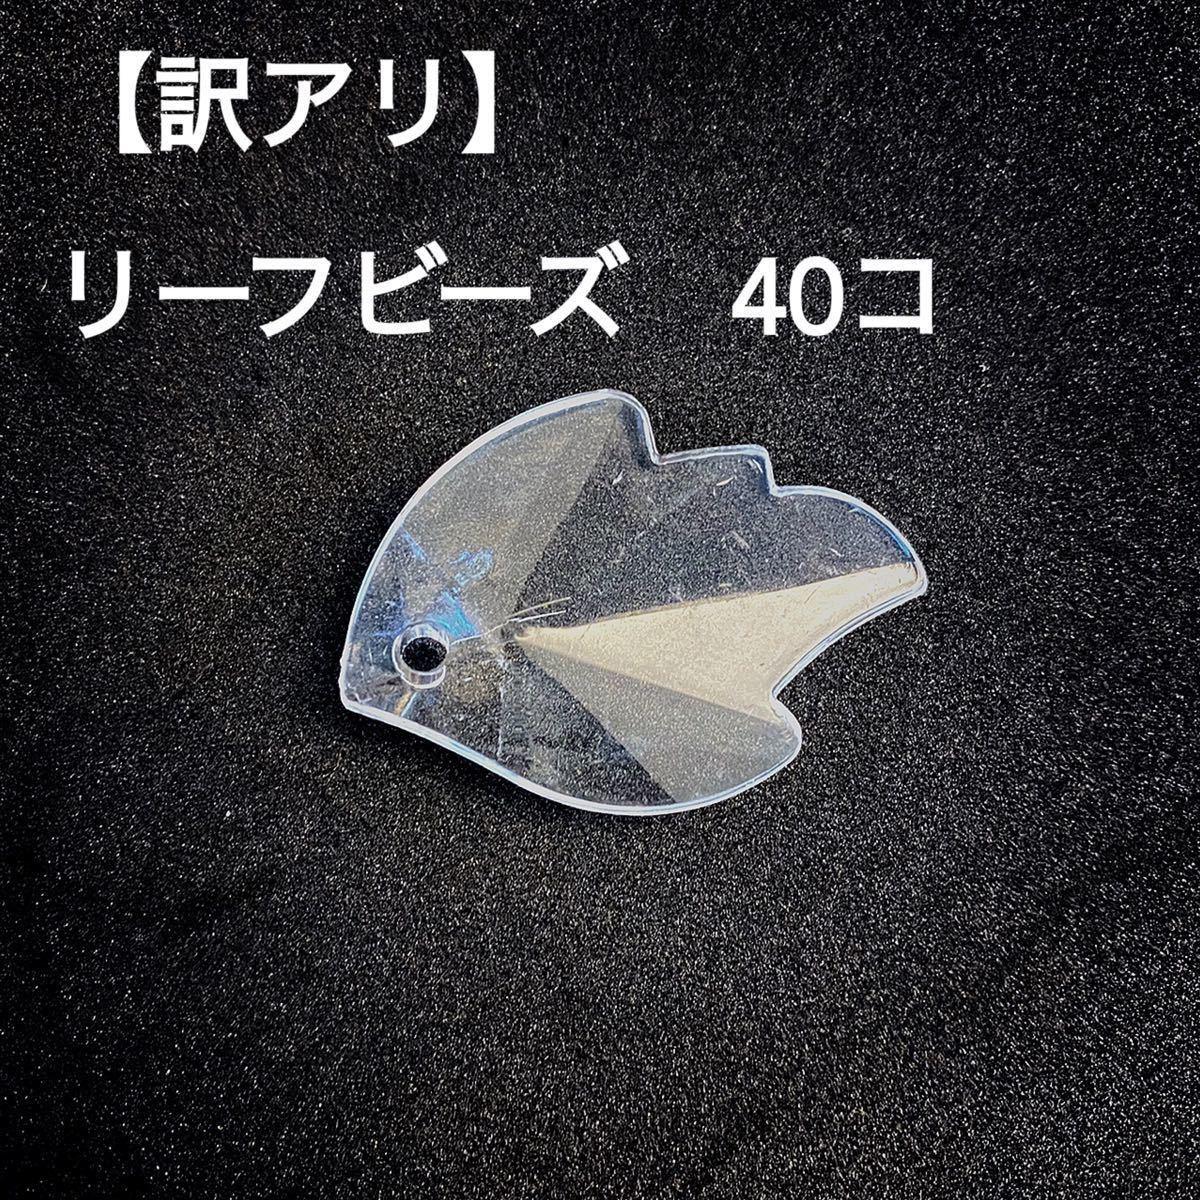 【訳アリ】【ビーズパーツ】アクリル リーフビーズ 葉っぱビーズ 40コ